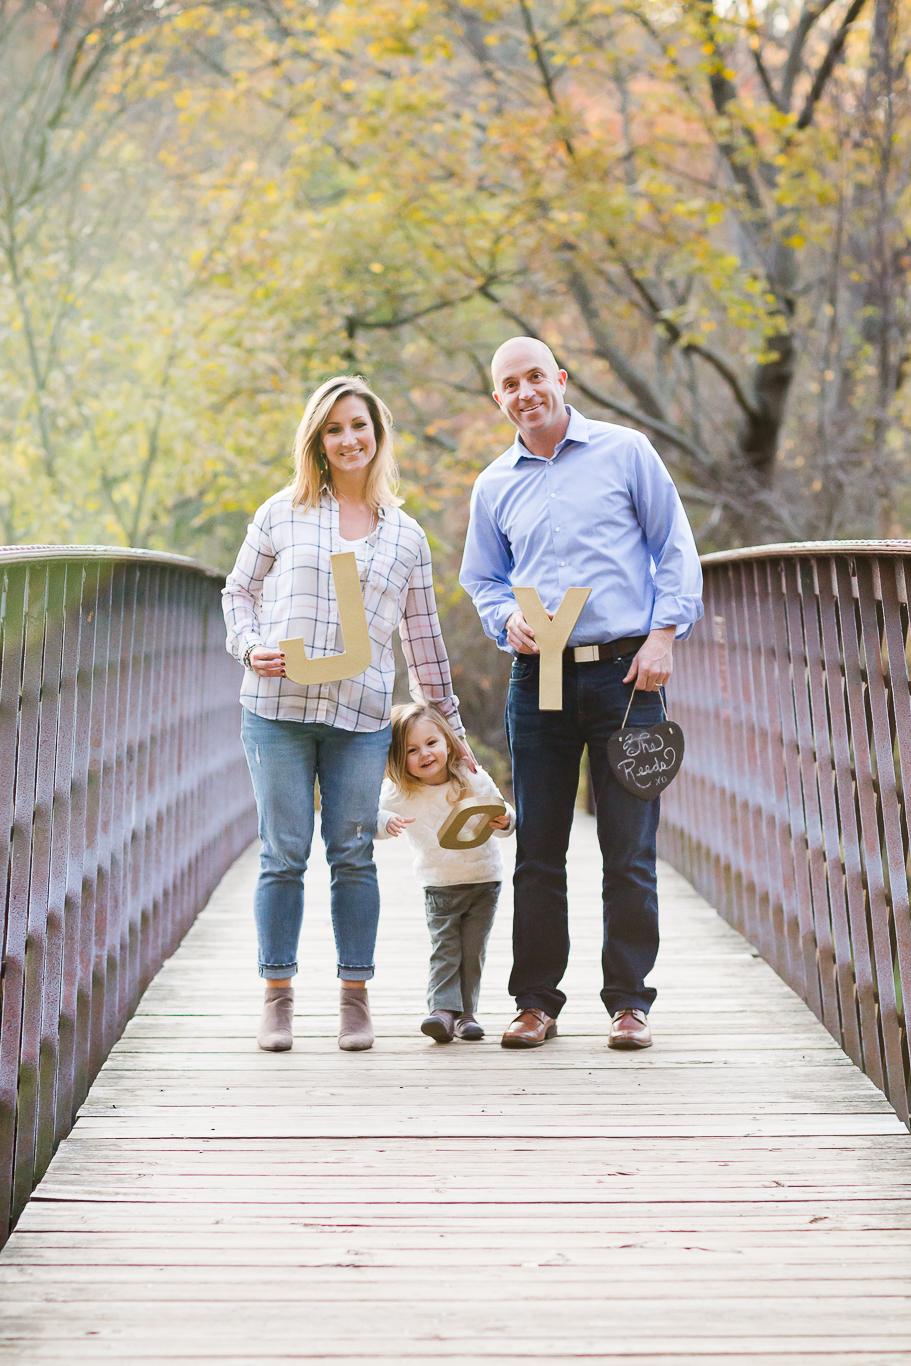 clytie-sadler-photography-fall-family-portraits-009.JPG